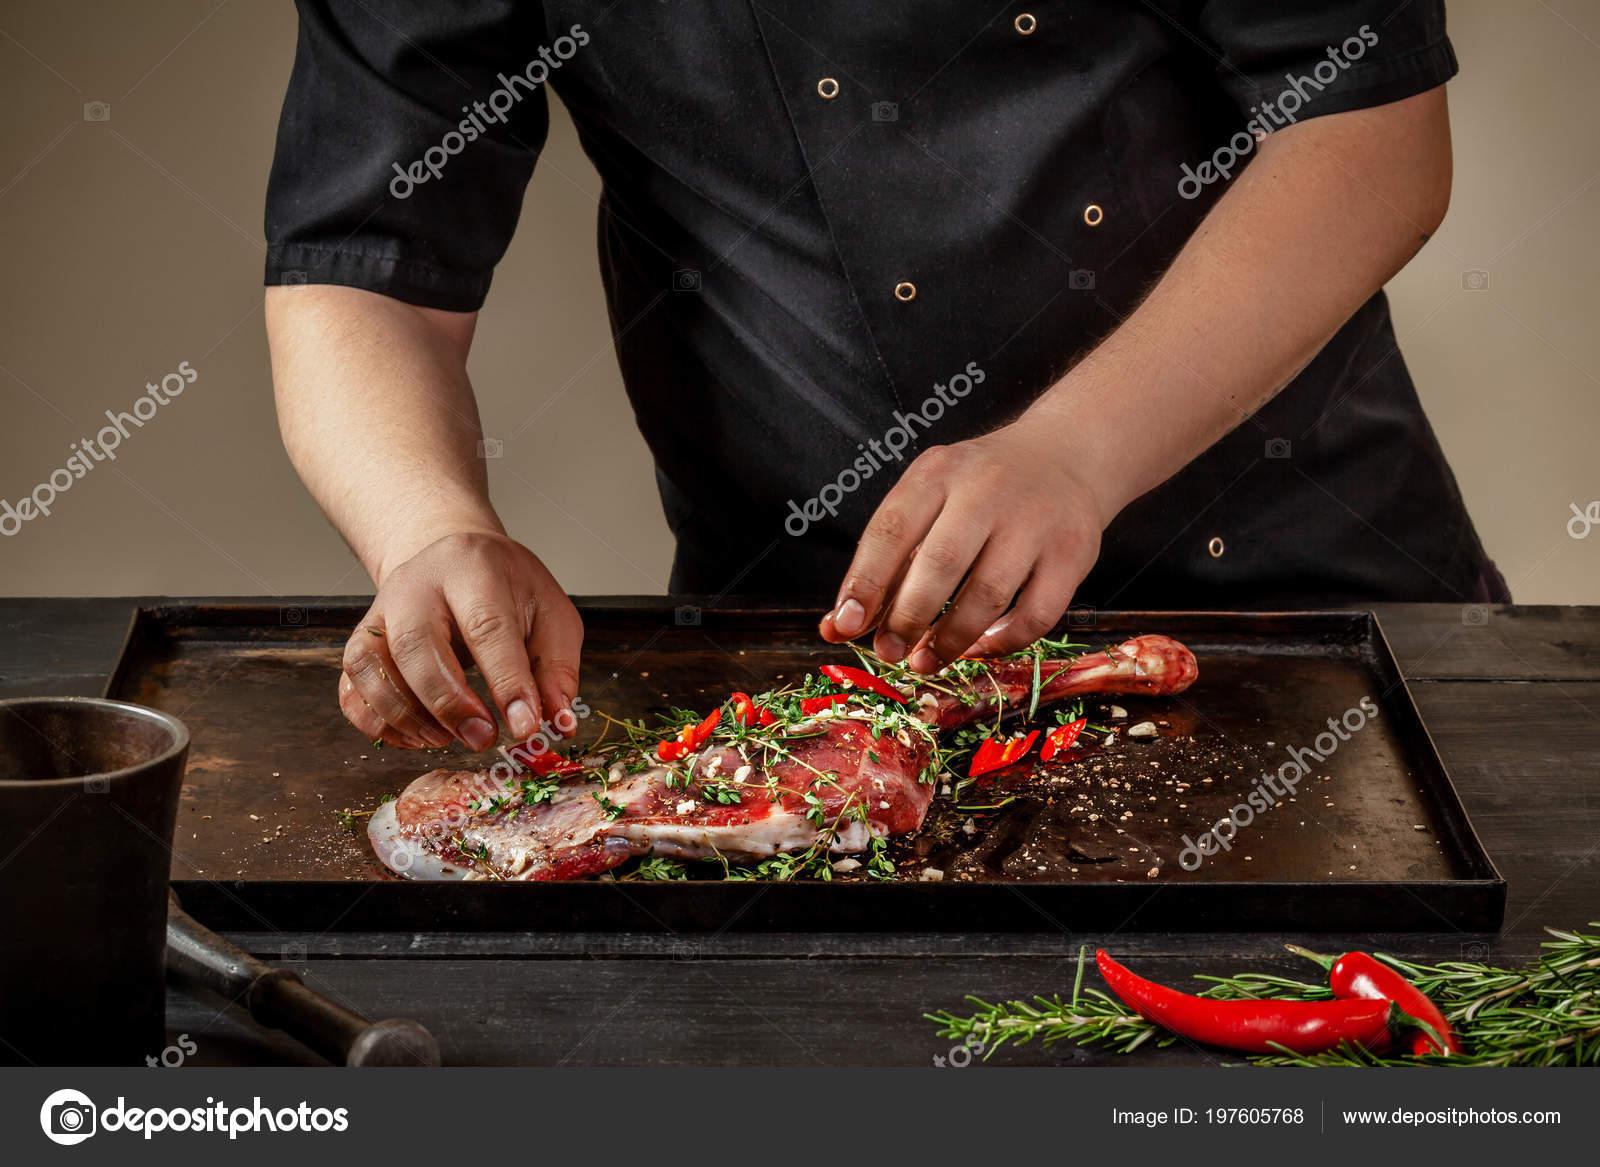 Αρσενικό σεφ τρίβοντας ωμά αρνιού με χόρτα και τα μπαχαρικά σε πέτρινο  δίσκο στο ξύλινο τραπέζι. Σεφ μαγειρικής ορεκτικές Κότσι αρνίσιο– εικόνα  αρχείου 9c99579aa1b